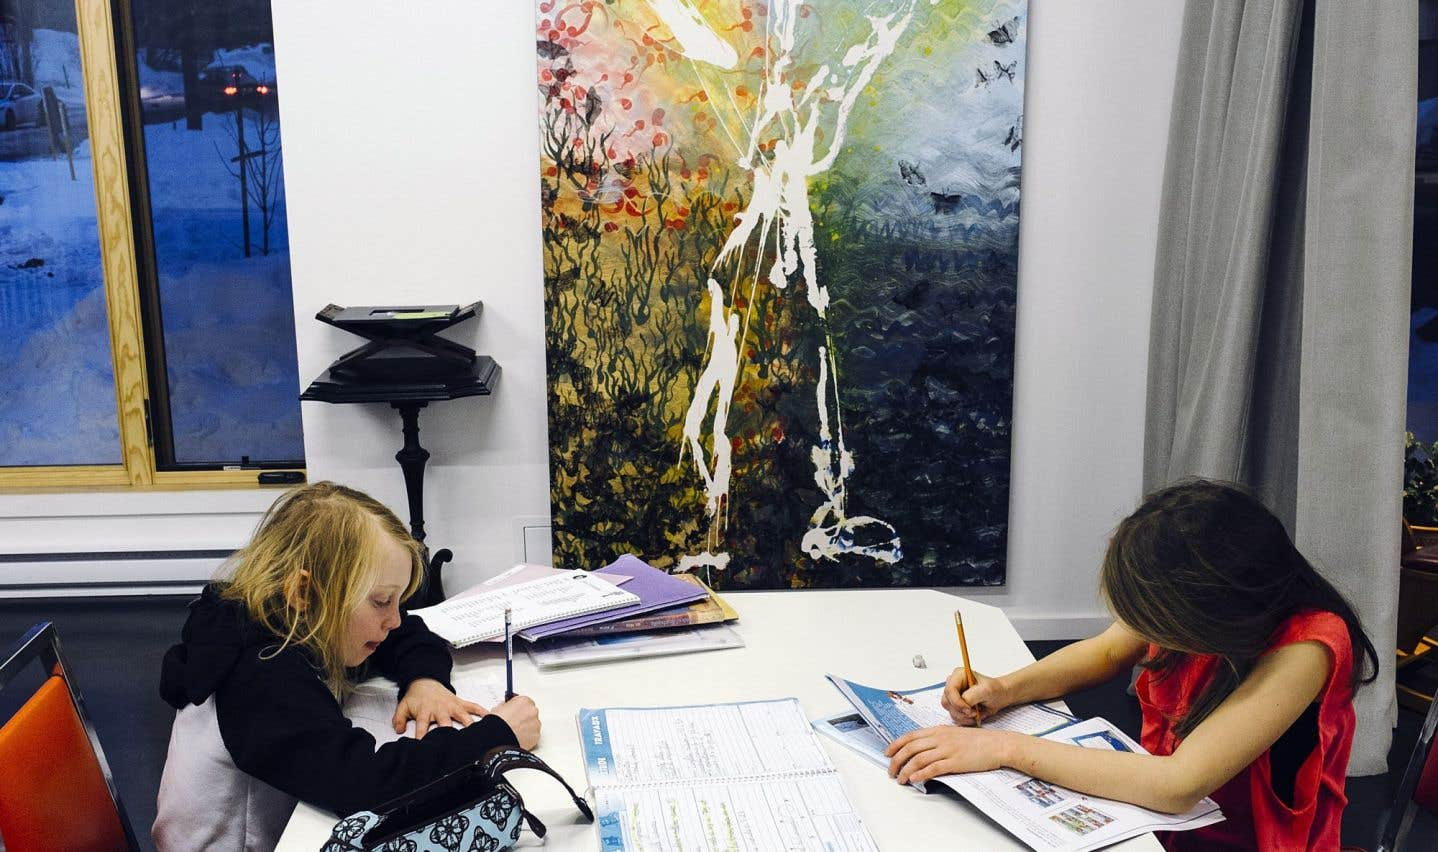 Un nouveau projet-pilote supprime les devoirs au primaire